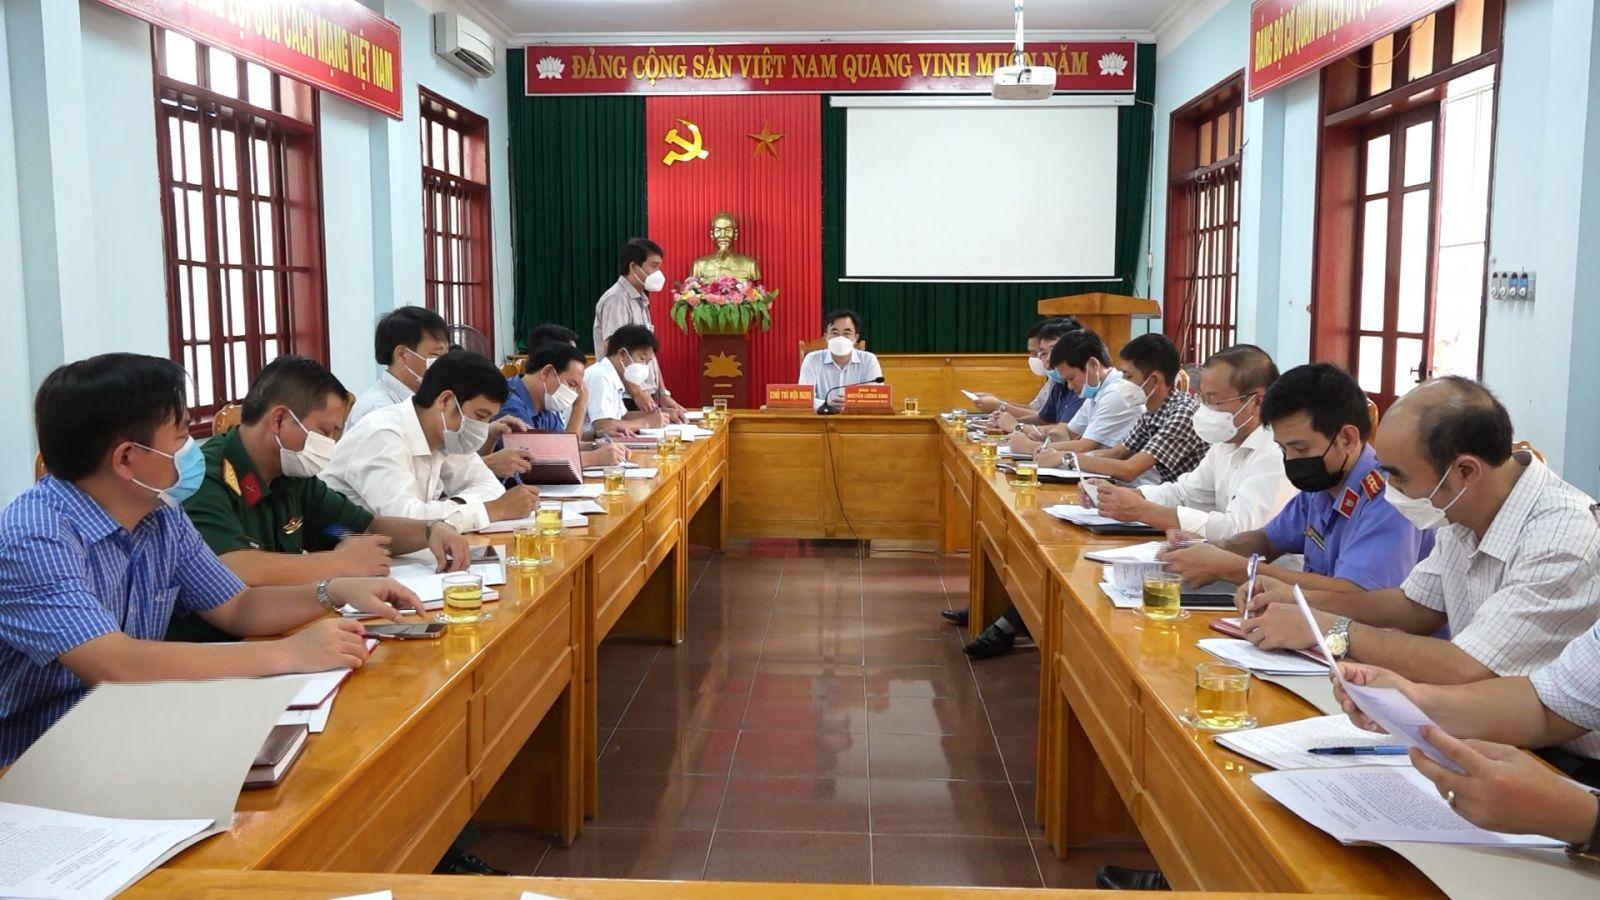 Đồng chí Trưởng Ban Nội chính Tỉnh ủy làm việc với Huyện ủy Minh Hóa